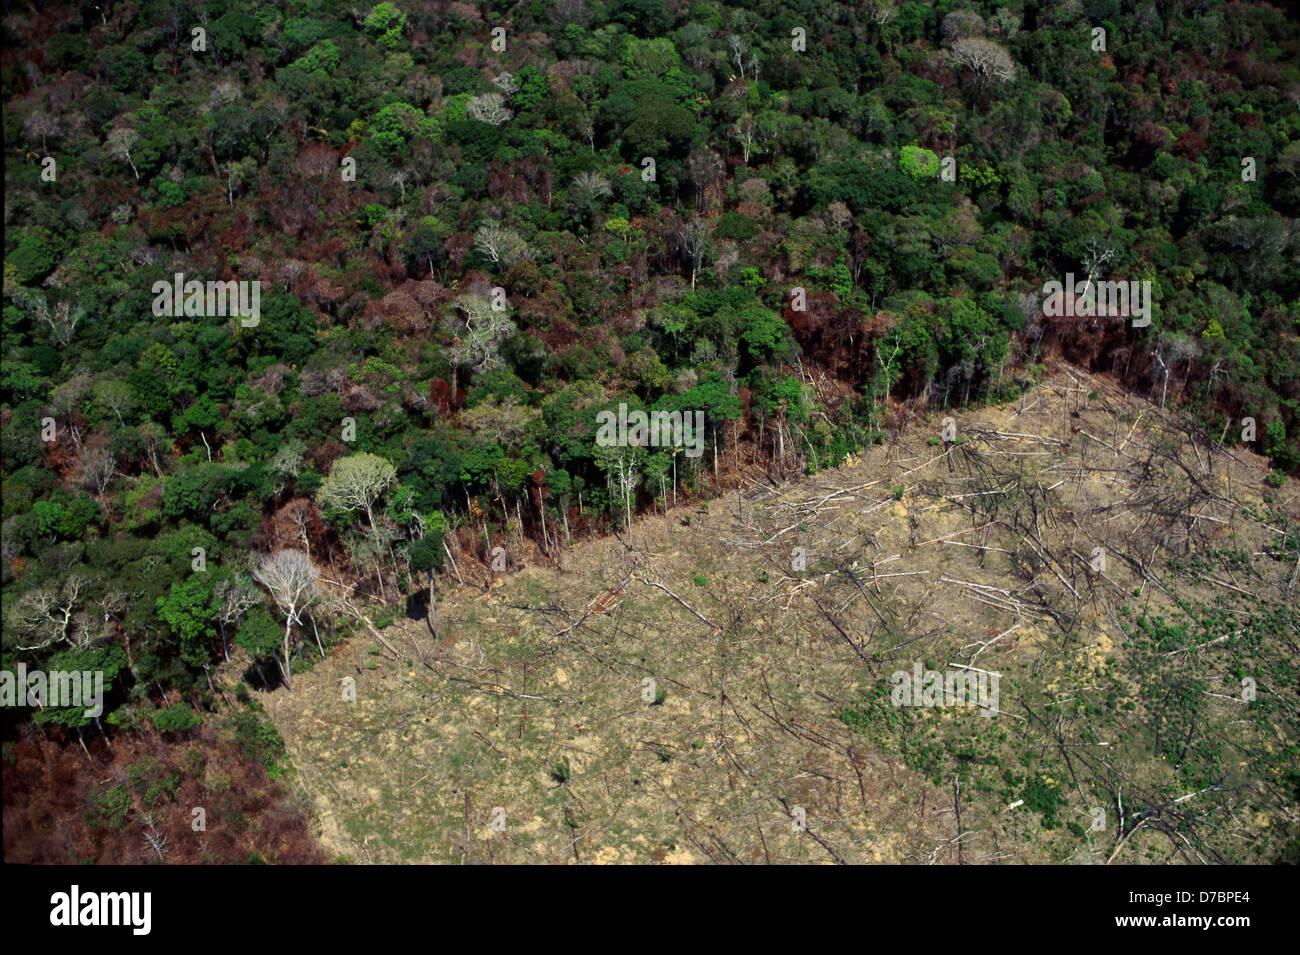 Vista aérea de la tala de bosques, la deforestación. Selva amazónica, Brasil. Imagen De Stock